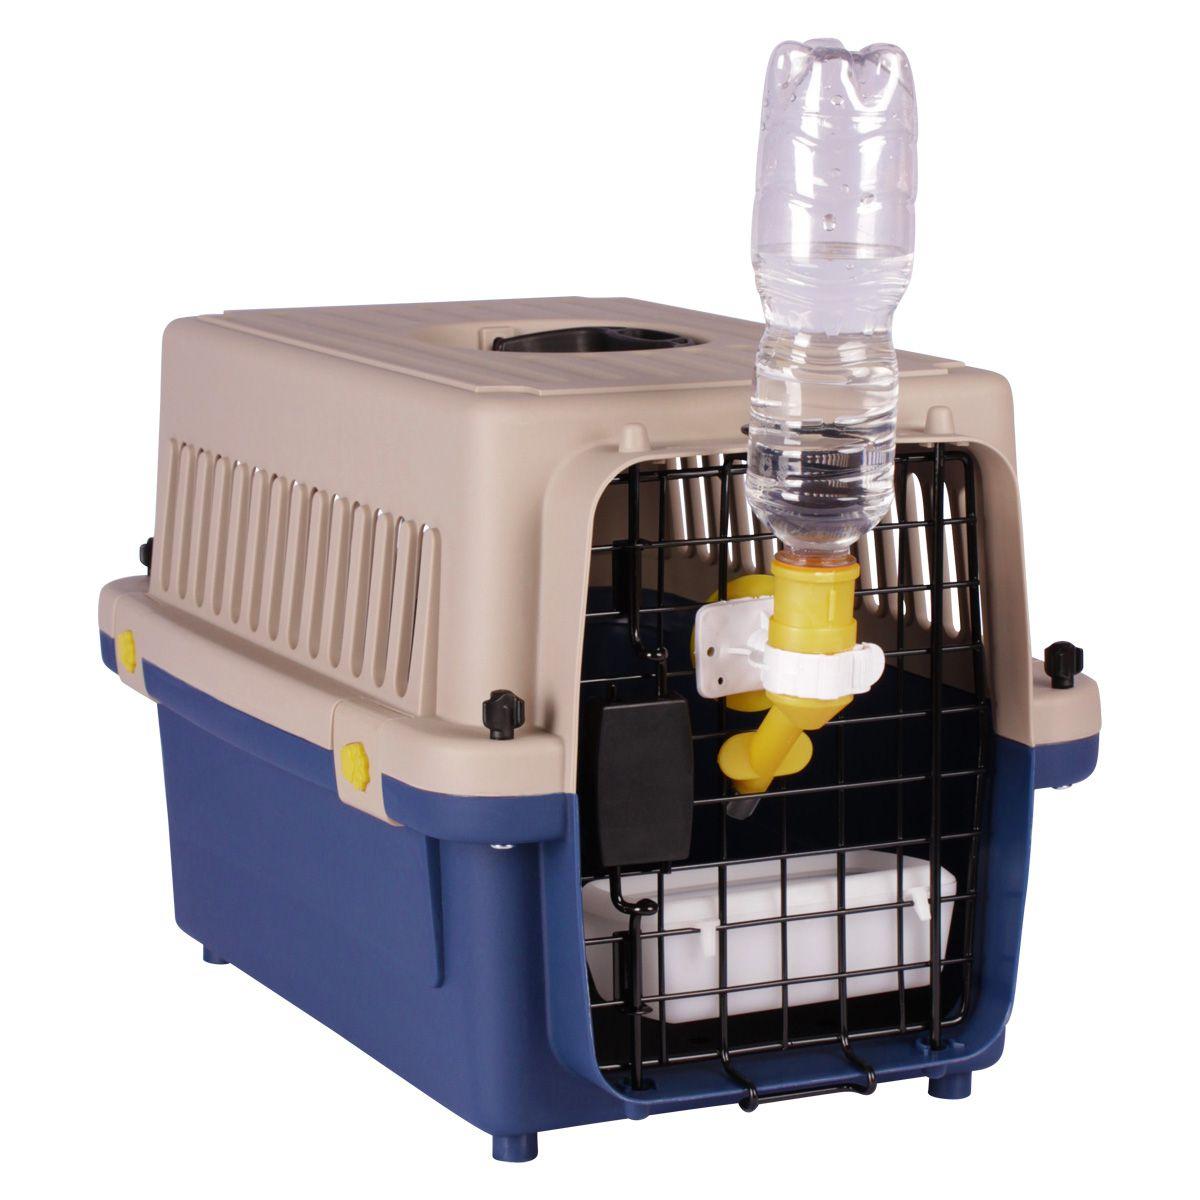 Caixa de Transporte Dog Fly IATA Tamanho 2 N2 + Bebedouro